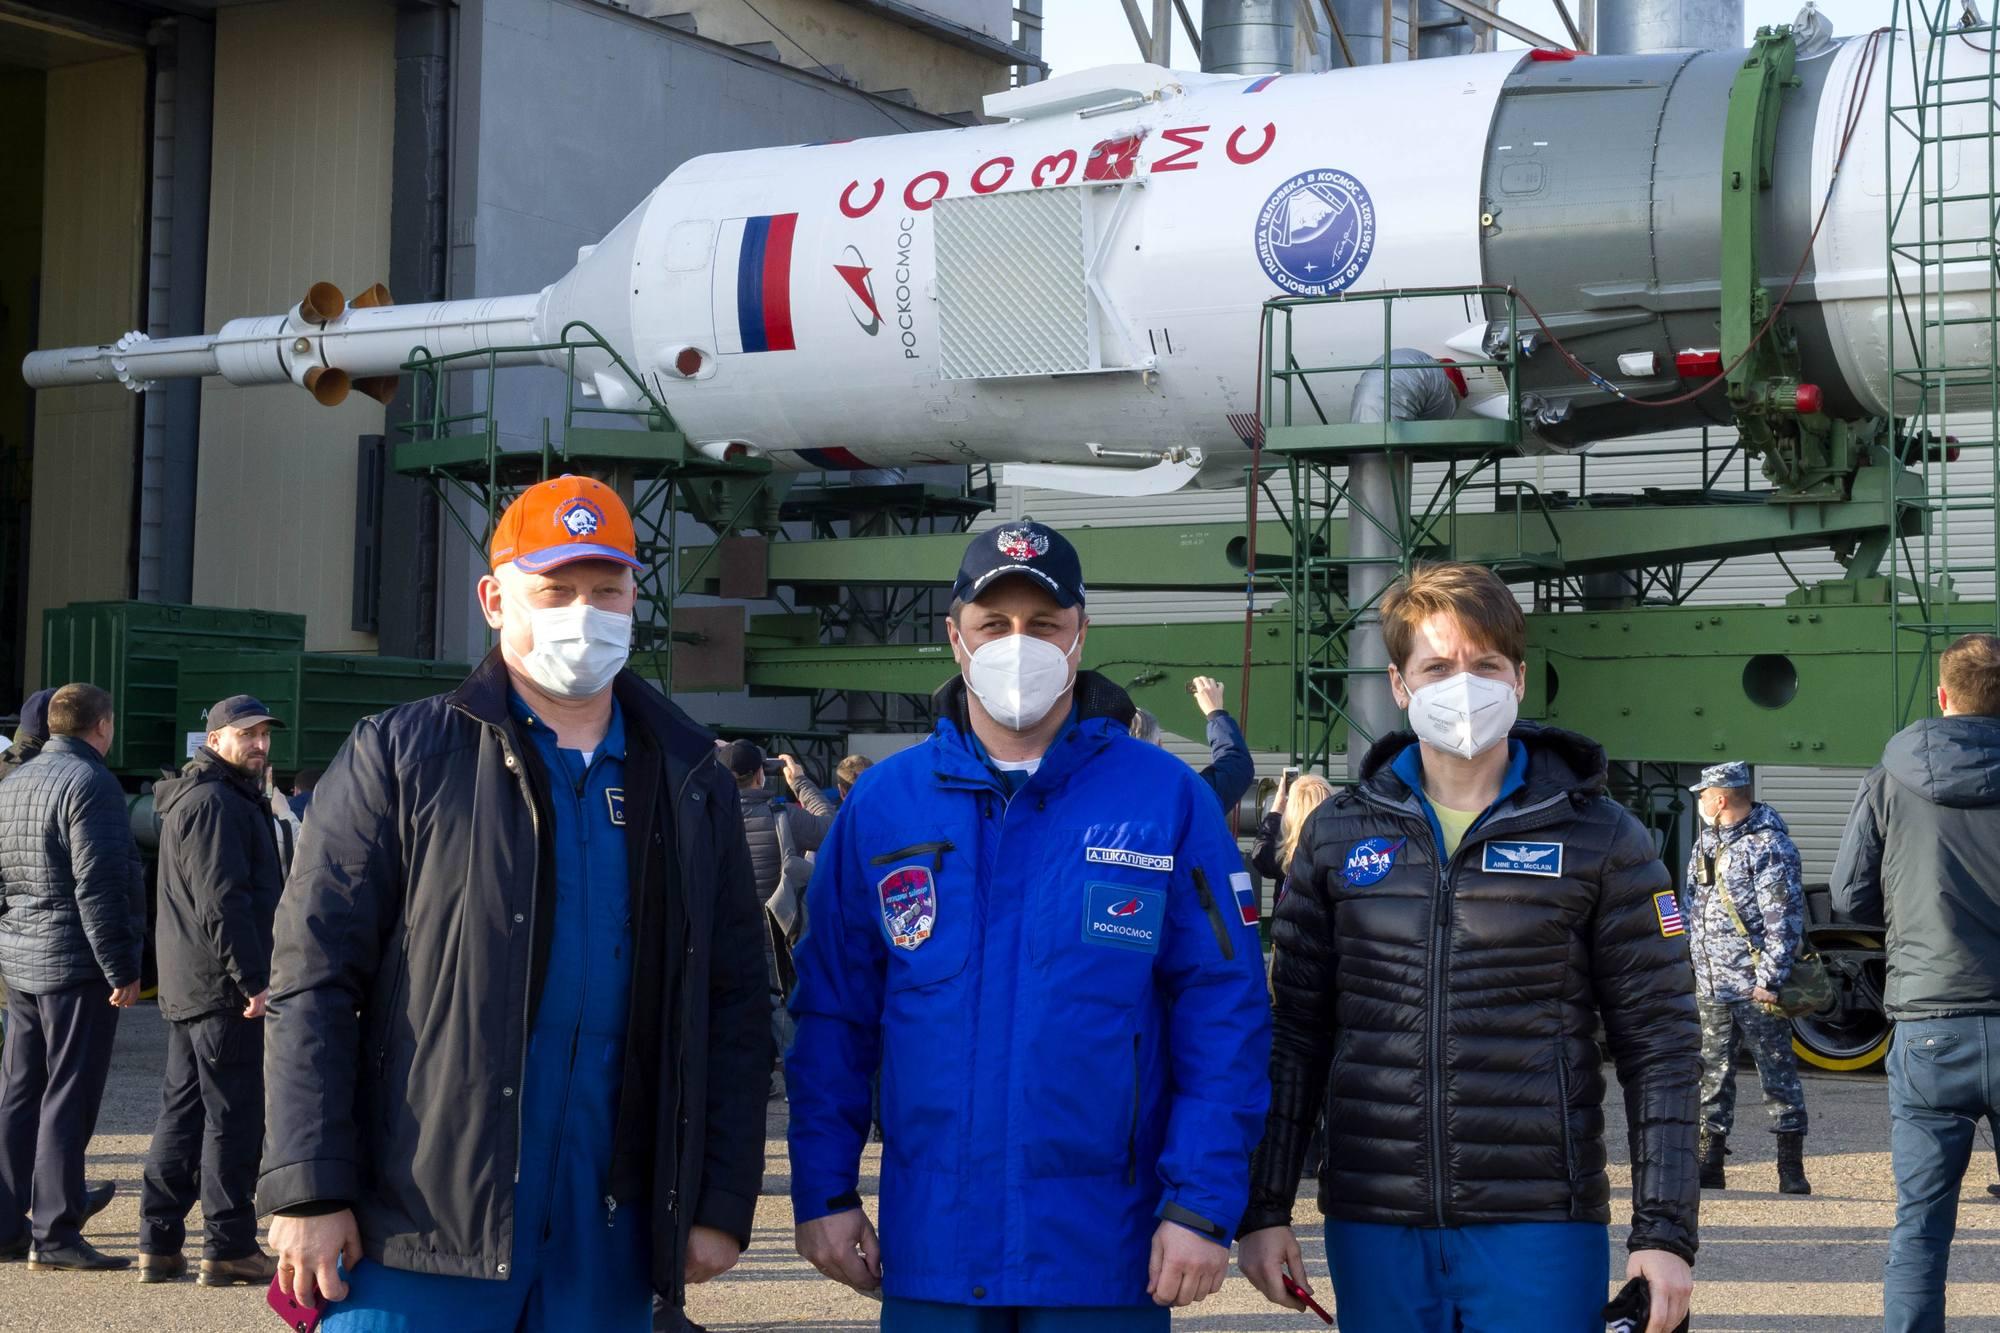 Comme de coutume, l'équipage de réserve (mais pas le principal) suit le transfert et la mise en place du lanceur.